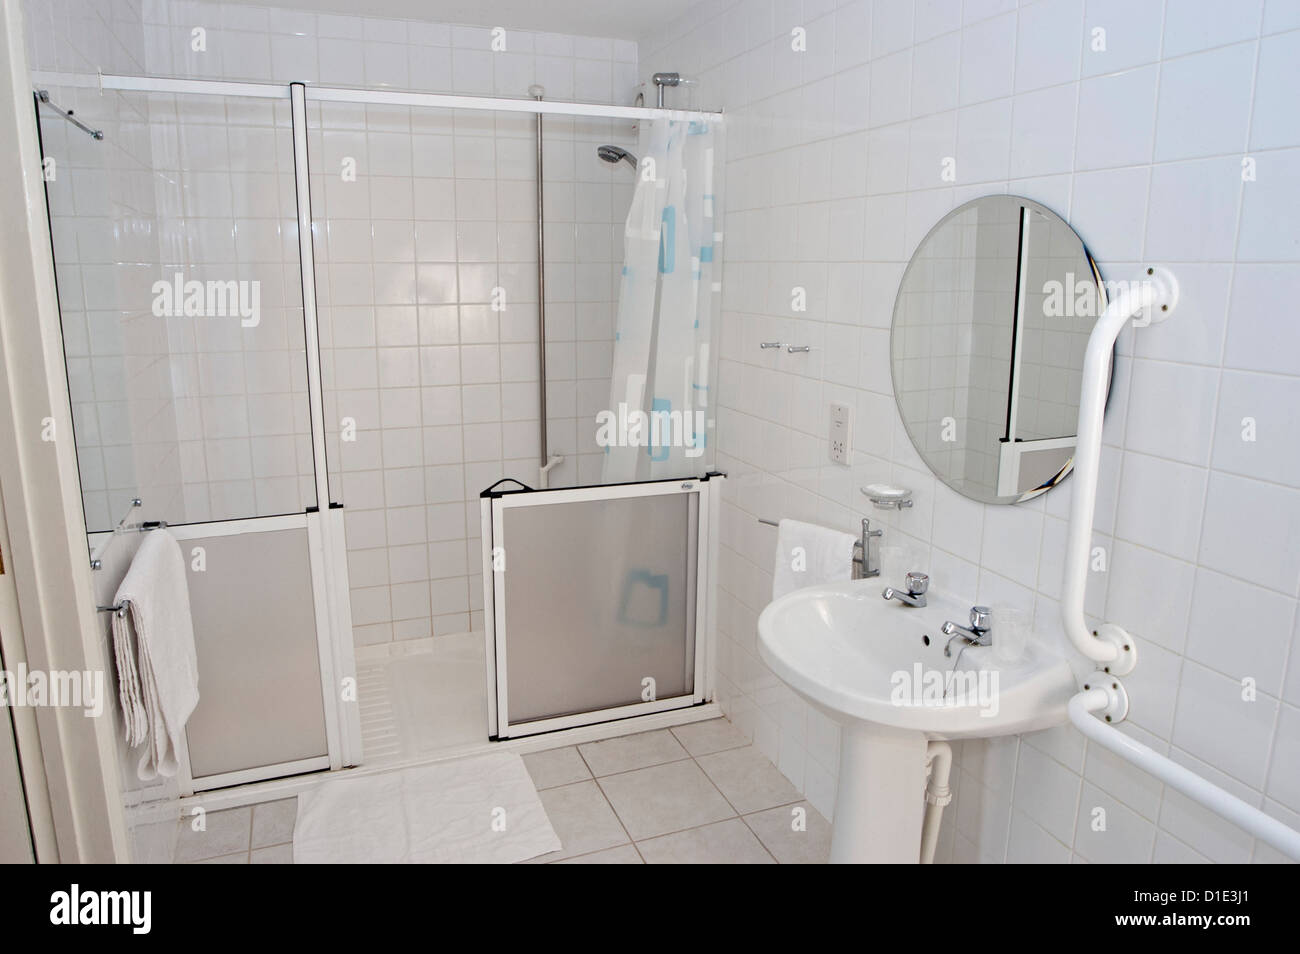 ein Hotel behindertengerecht Badezimmer mit Dusche Waschbecken im ...